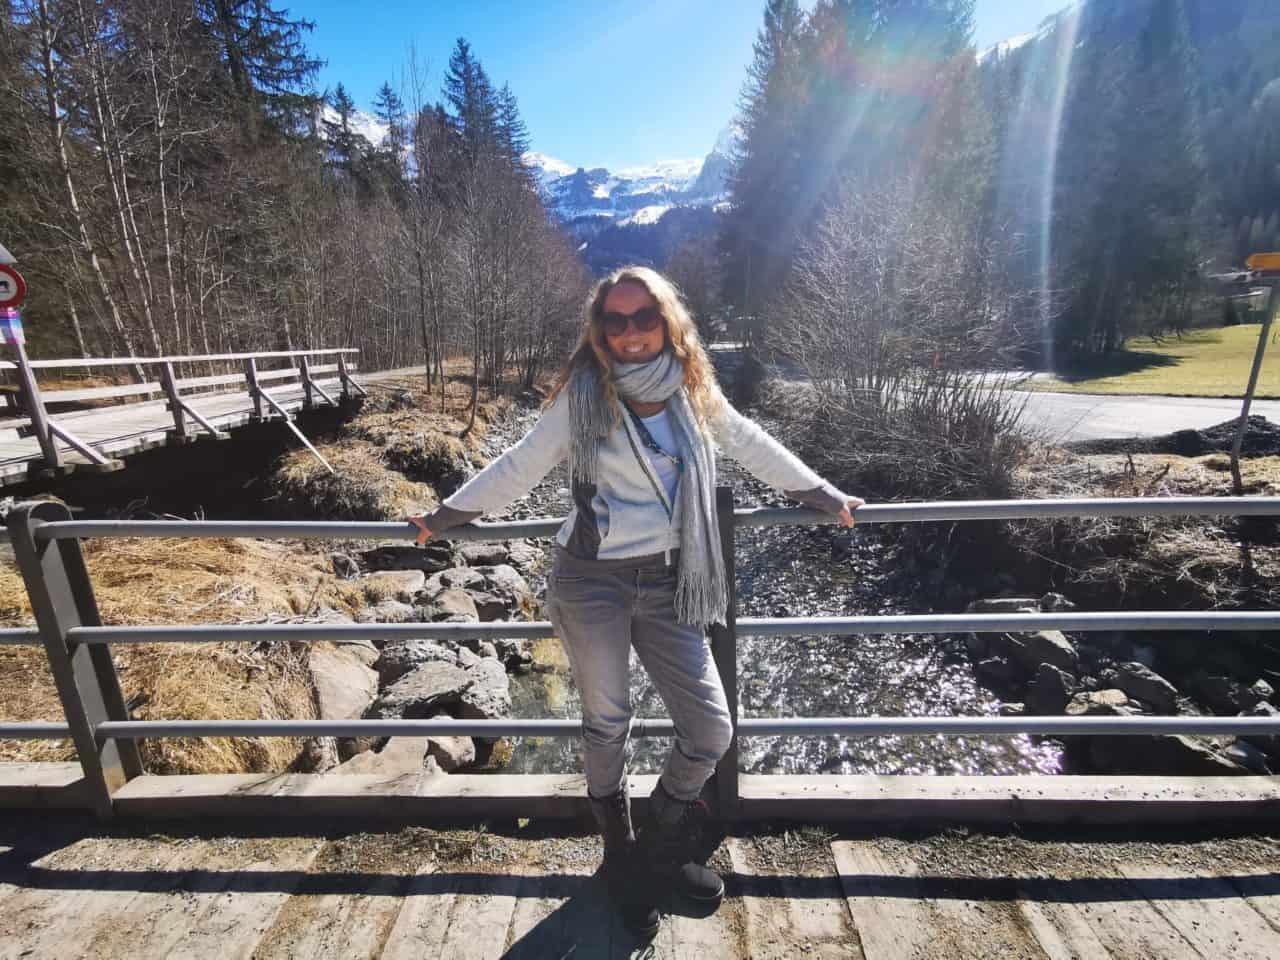 Vegan reisen in der Schweiz - Tipps von Bettina 1